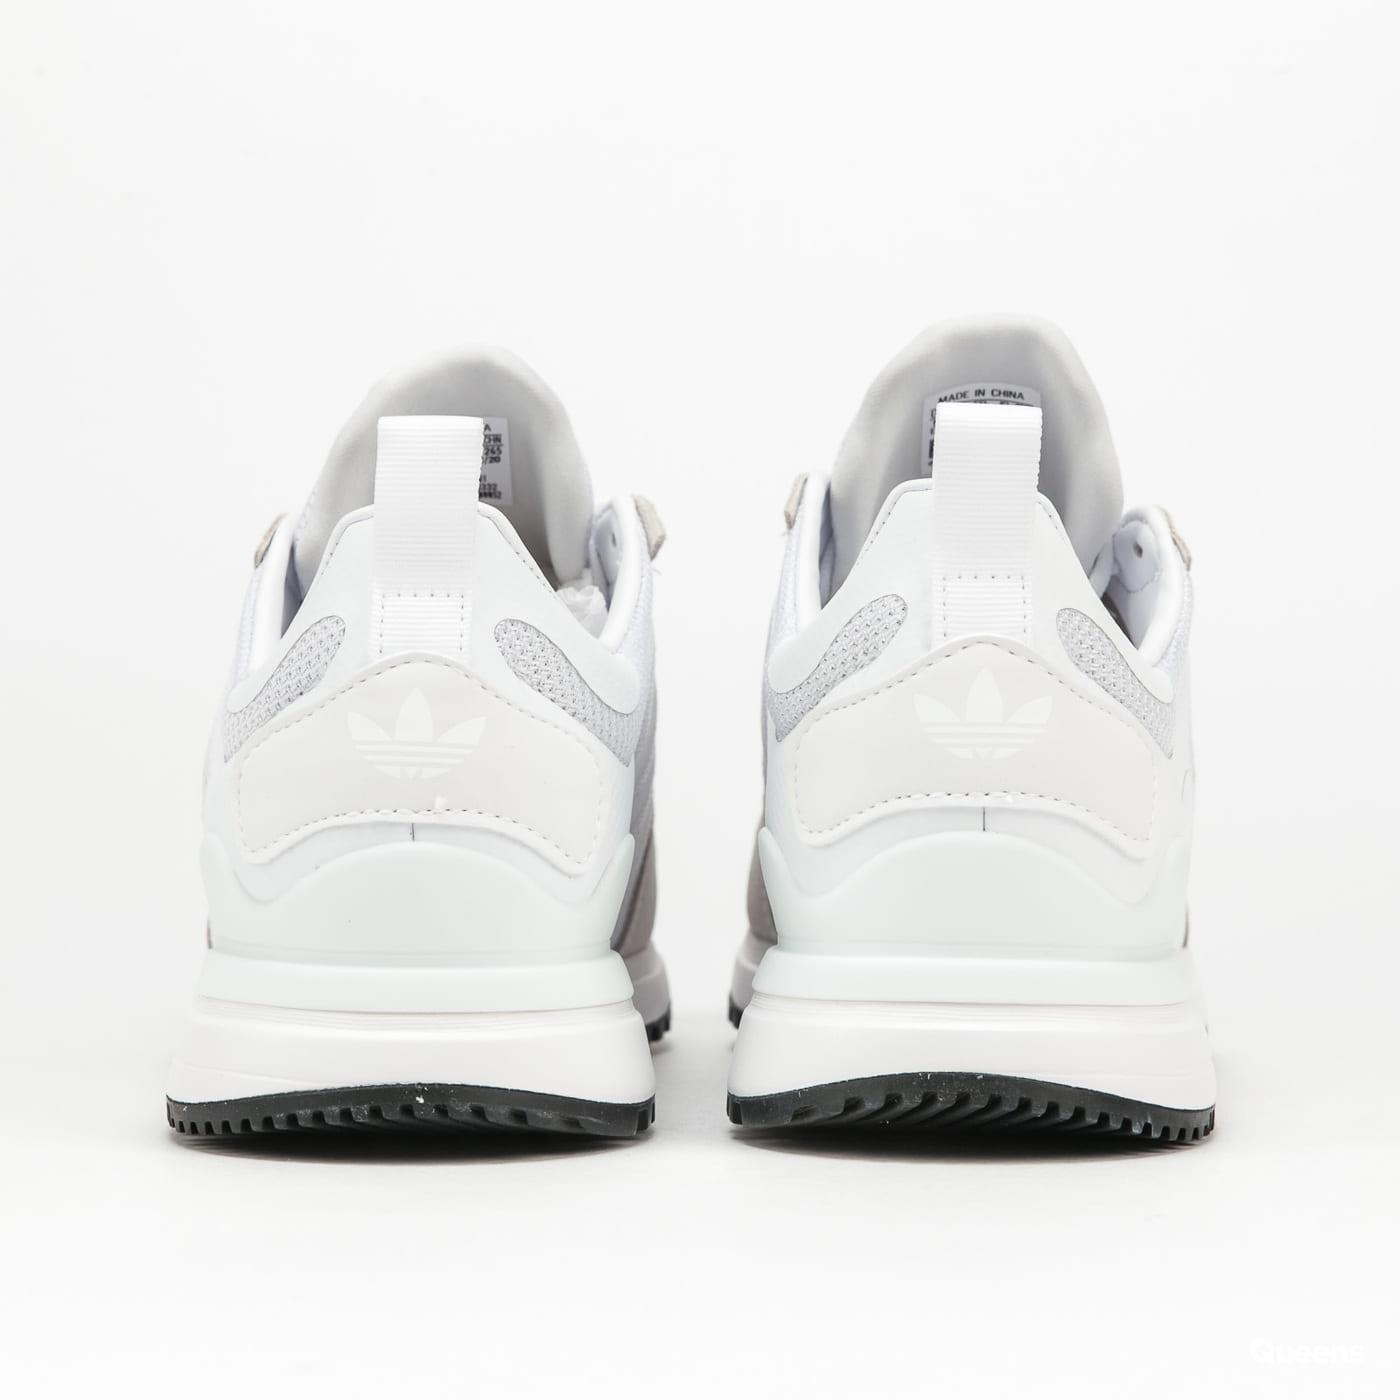 adidas Originals ZX 700 HD ftwwht / ftwwht / cblack